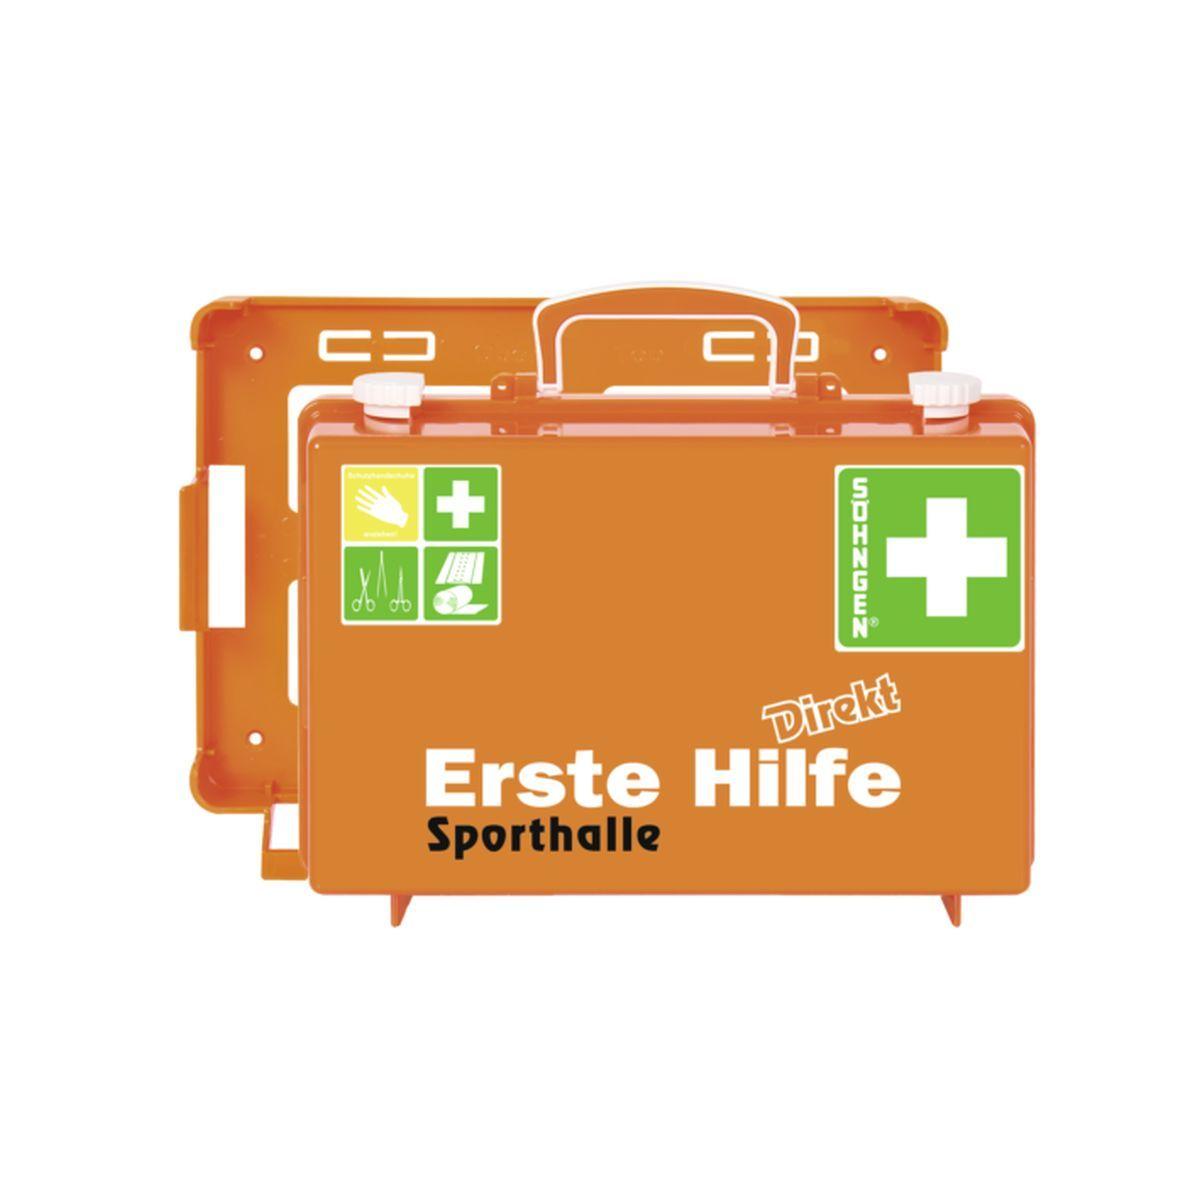 Erste Hilfe Koffer DIN 13157 DIREKT, Sporthalle